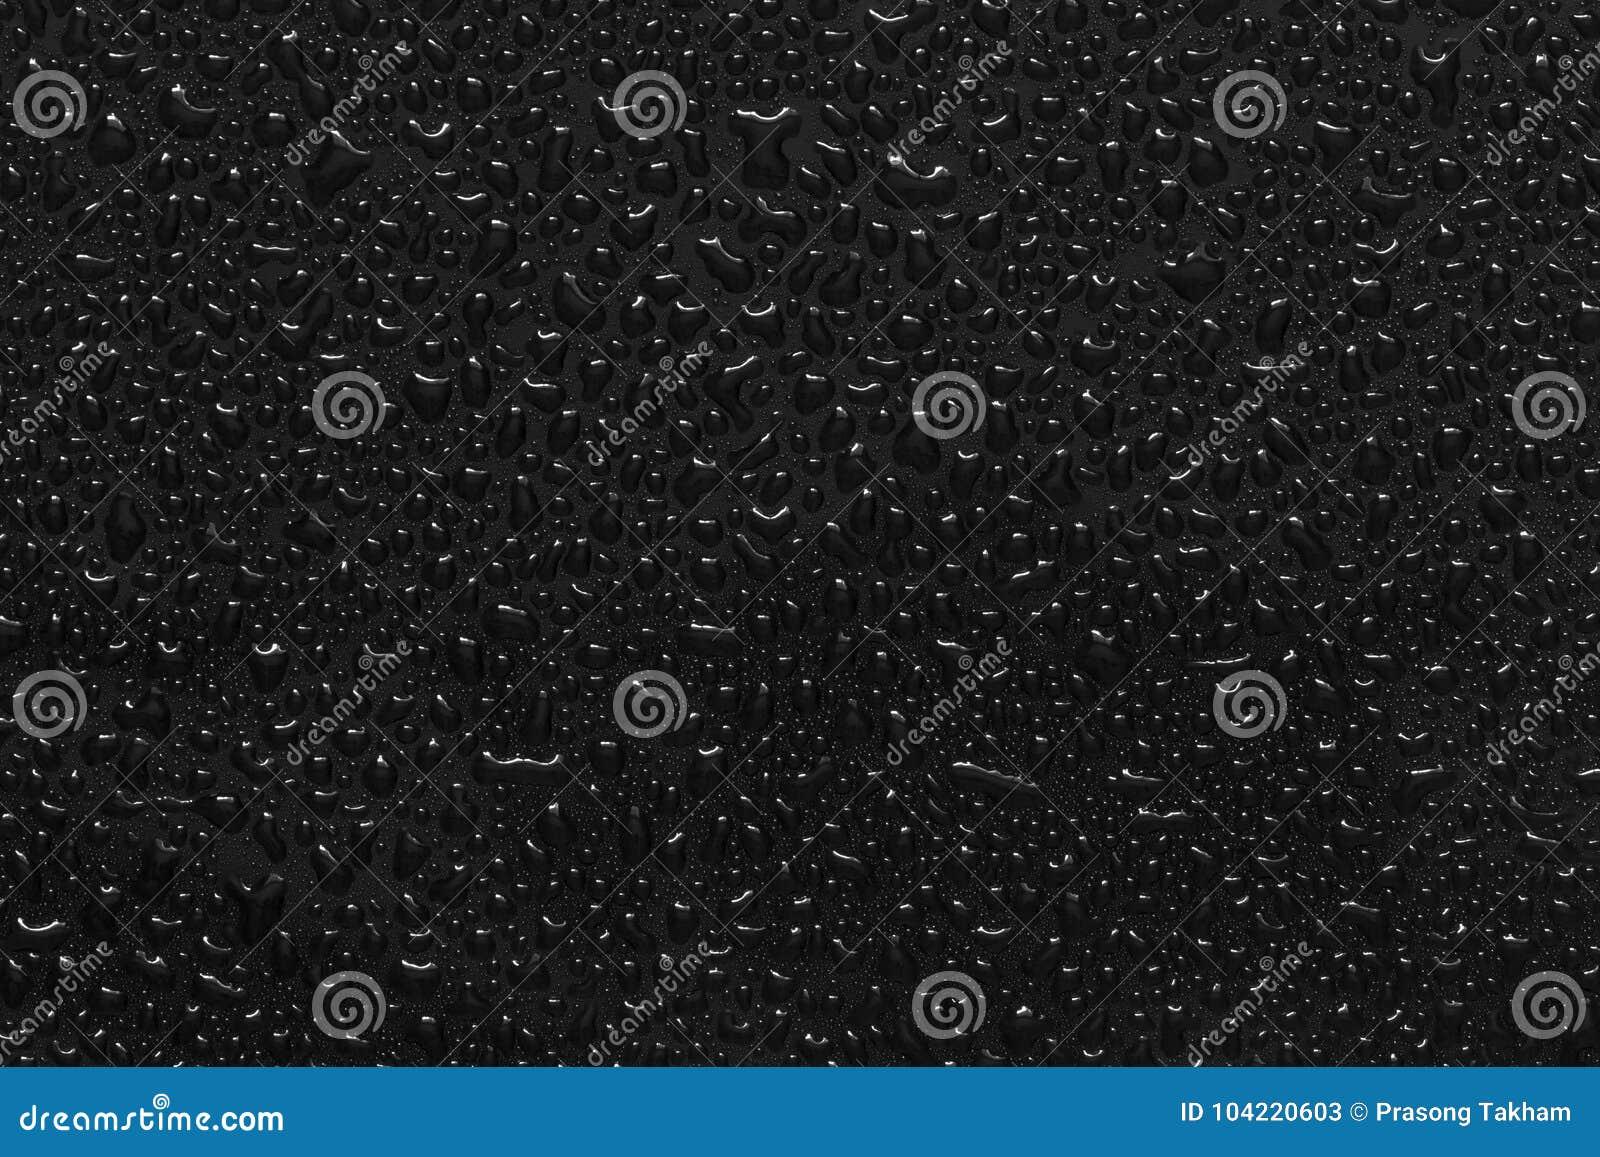 Goccioline di acqua sul nero